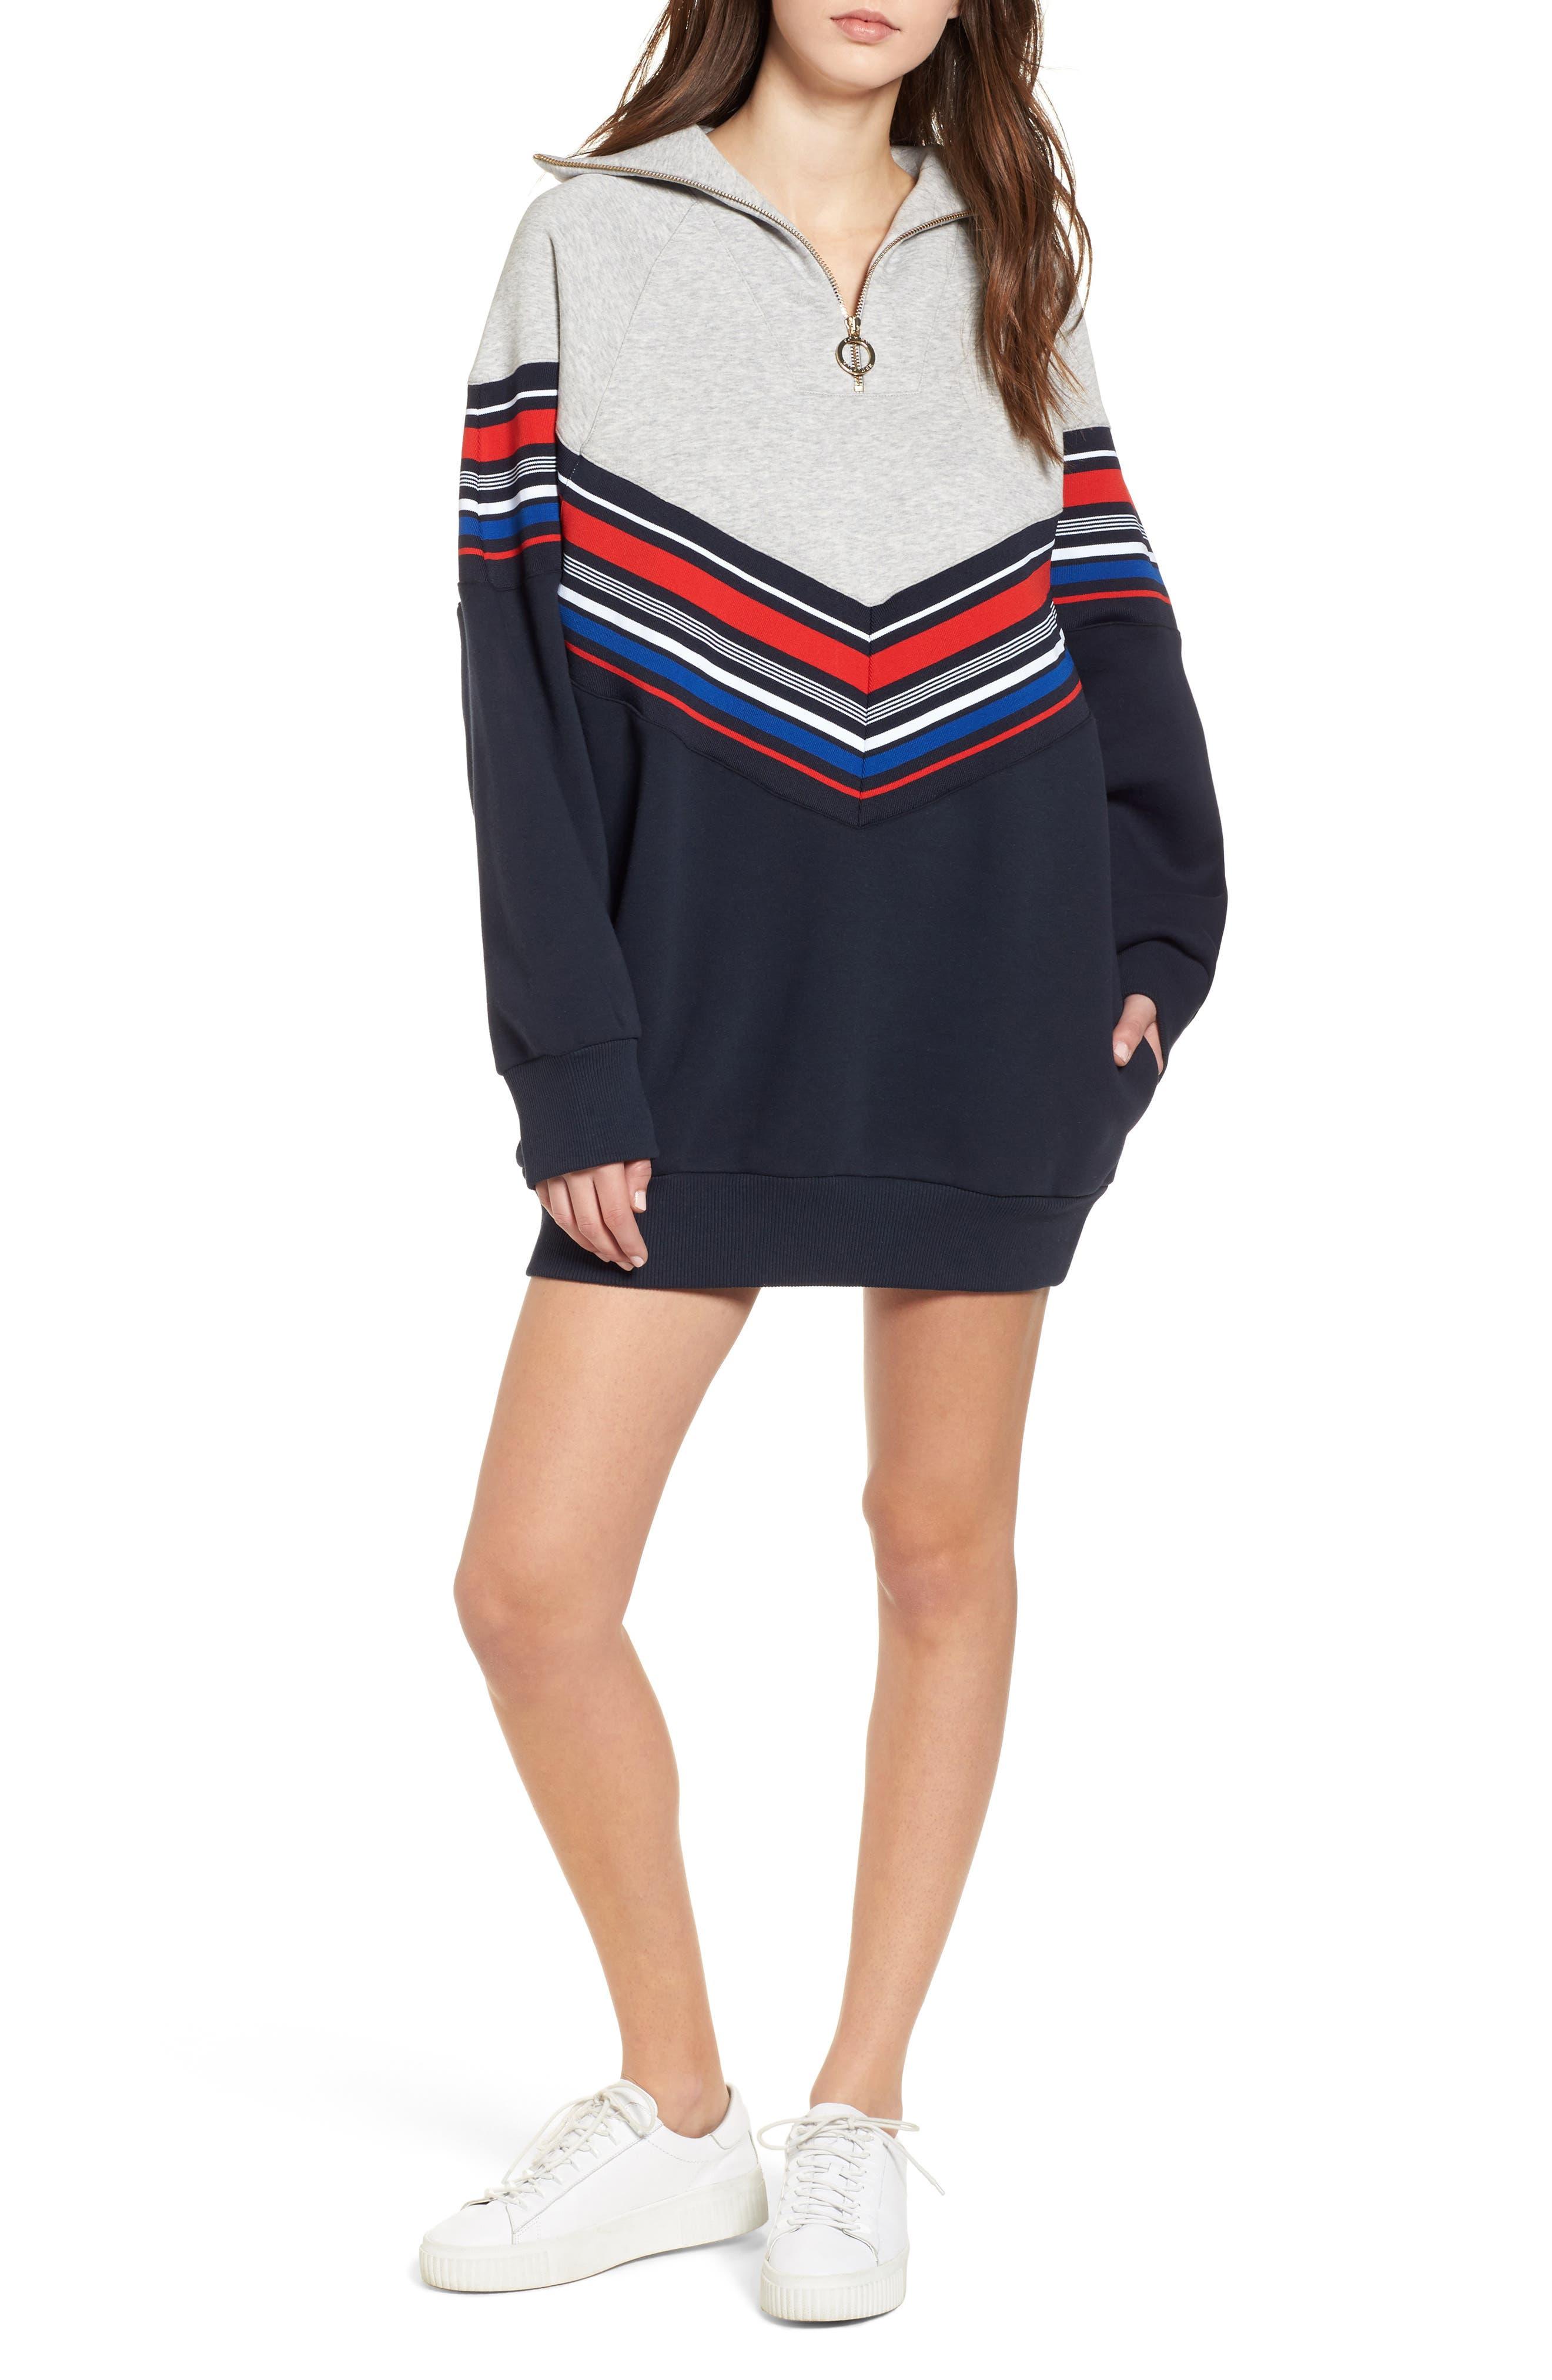 x Gigi Hadid Racing Sweatshirt Dress,                             Main thumbnail 1, color,                             405